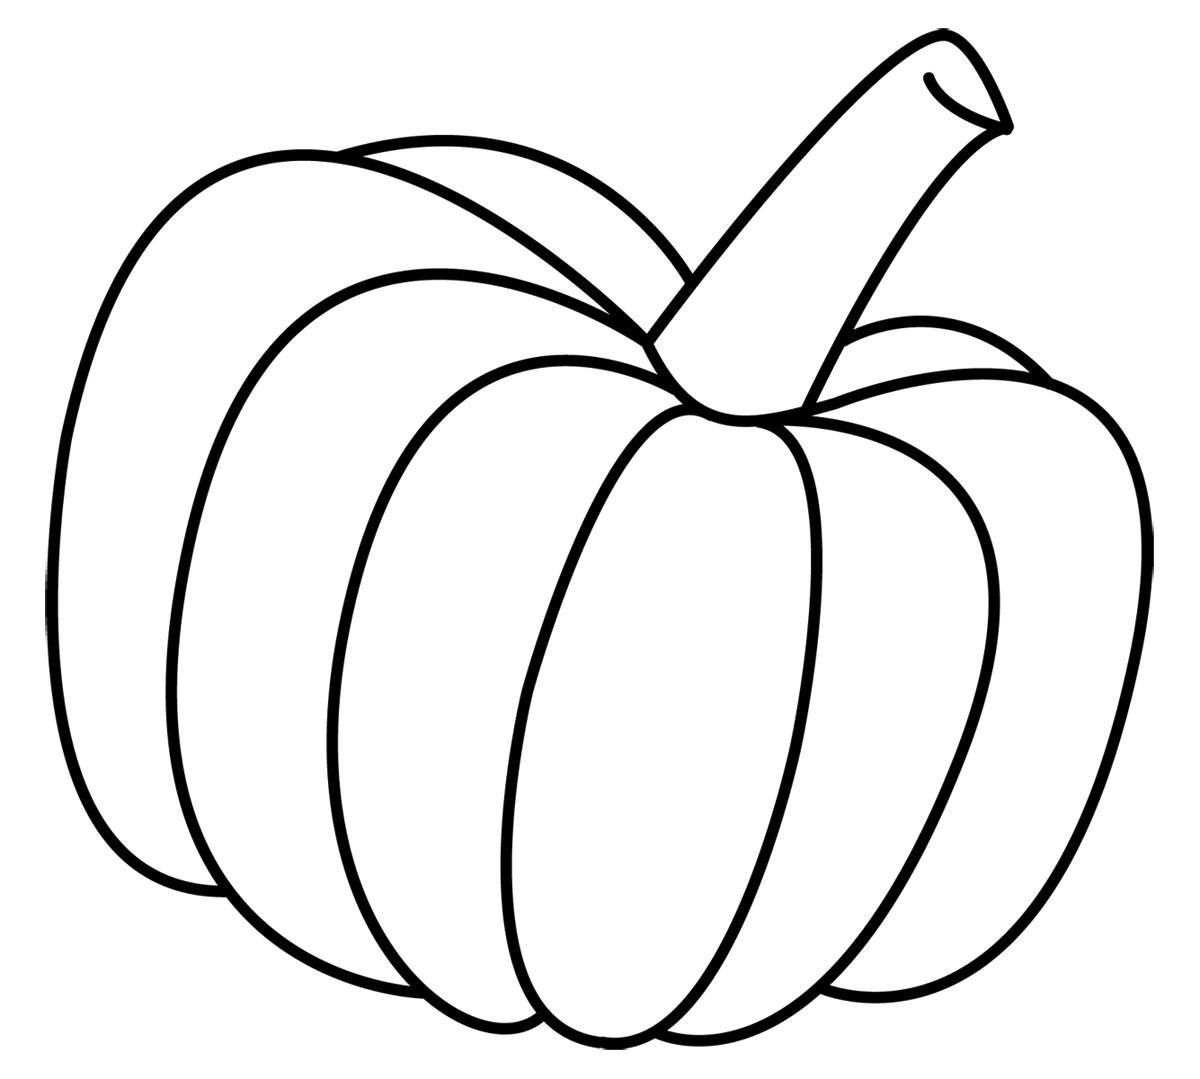 Black and white pumpkins clipart svg transparent Best Pumpkin Clipart Black And White #1582 - Clipartion.com svg transparent